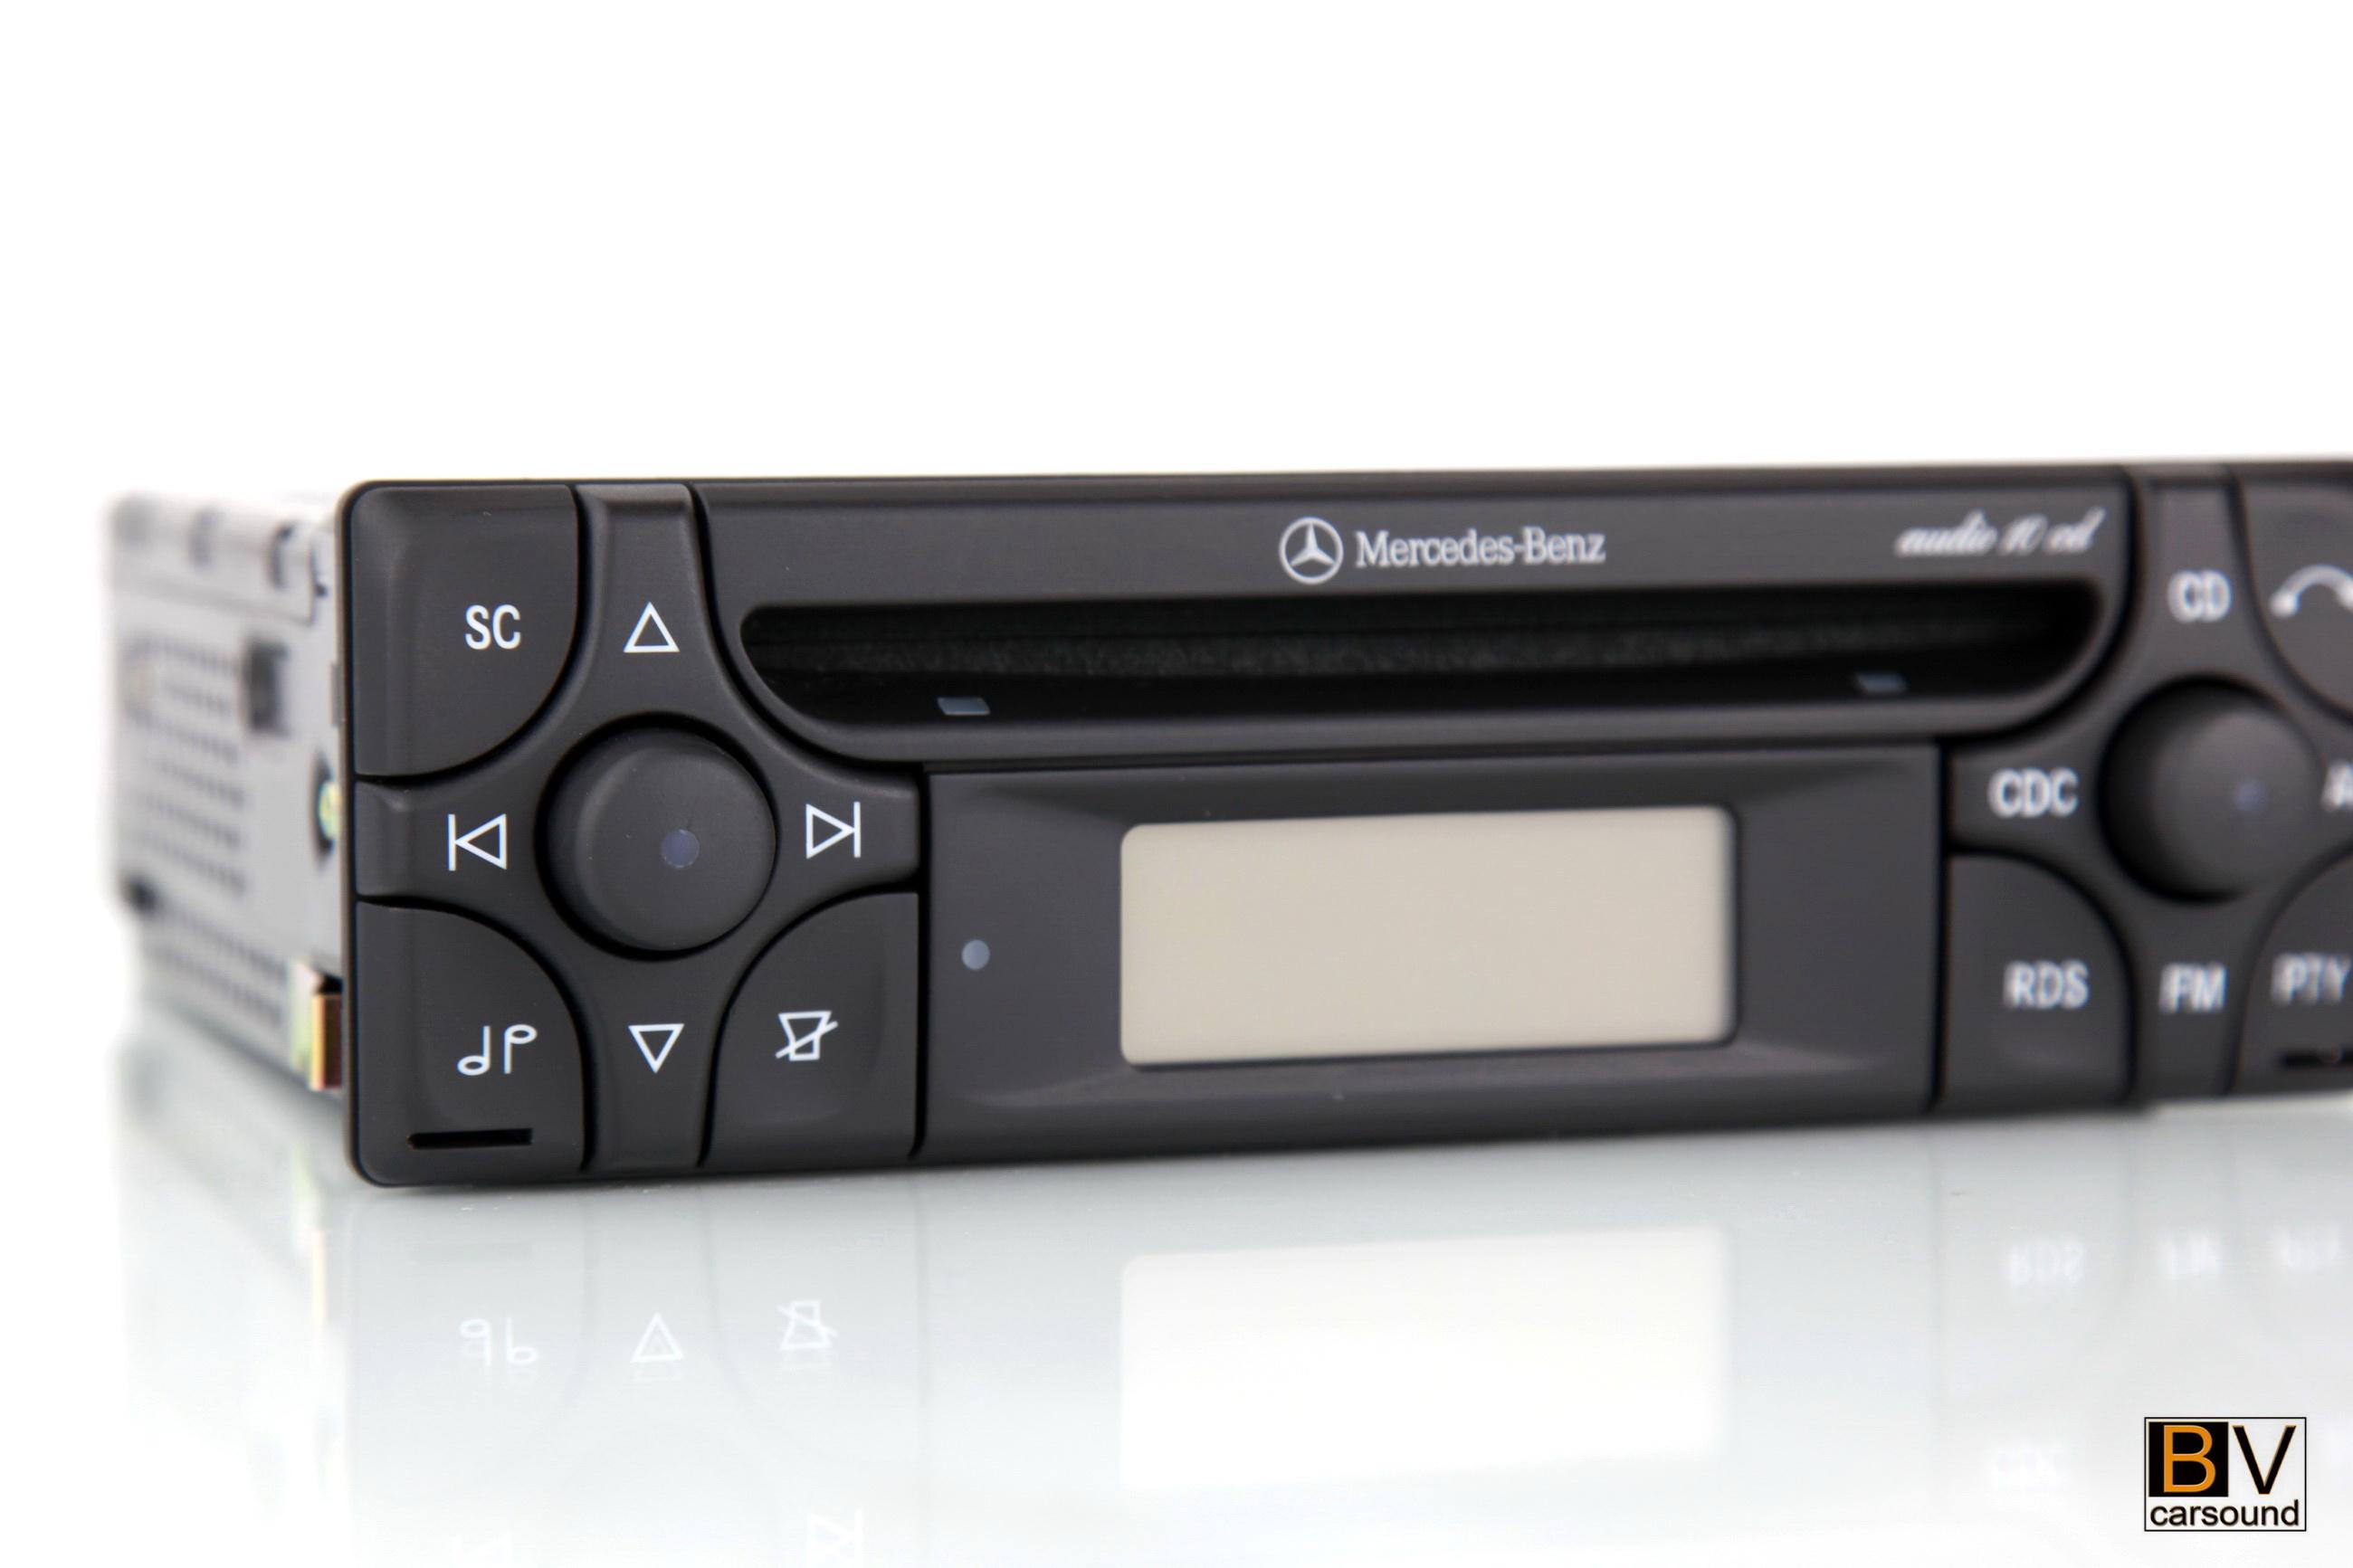 mercedes benz audio 10 cd aux in r170 slk200 slk230 slk320. Black Bedroom Furniture Sets. Home Design Ideas